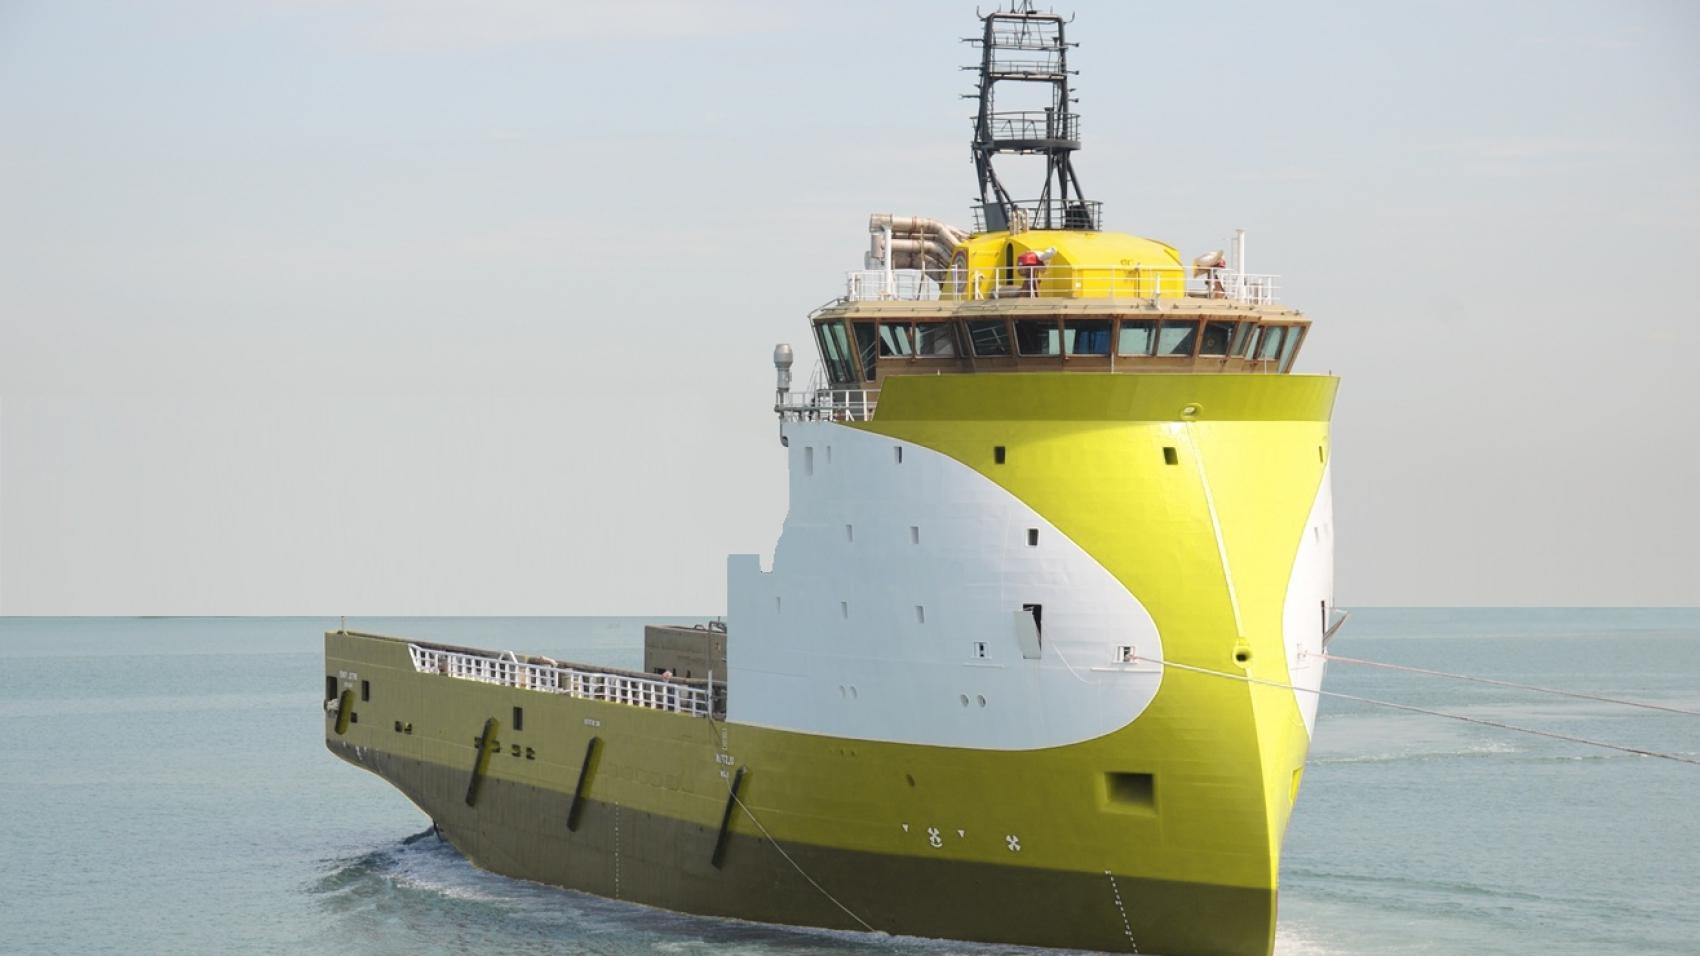 84M DP2 Platform Supply Vessel for Sale or Charter